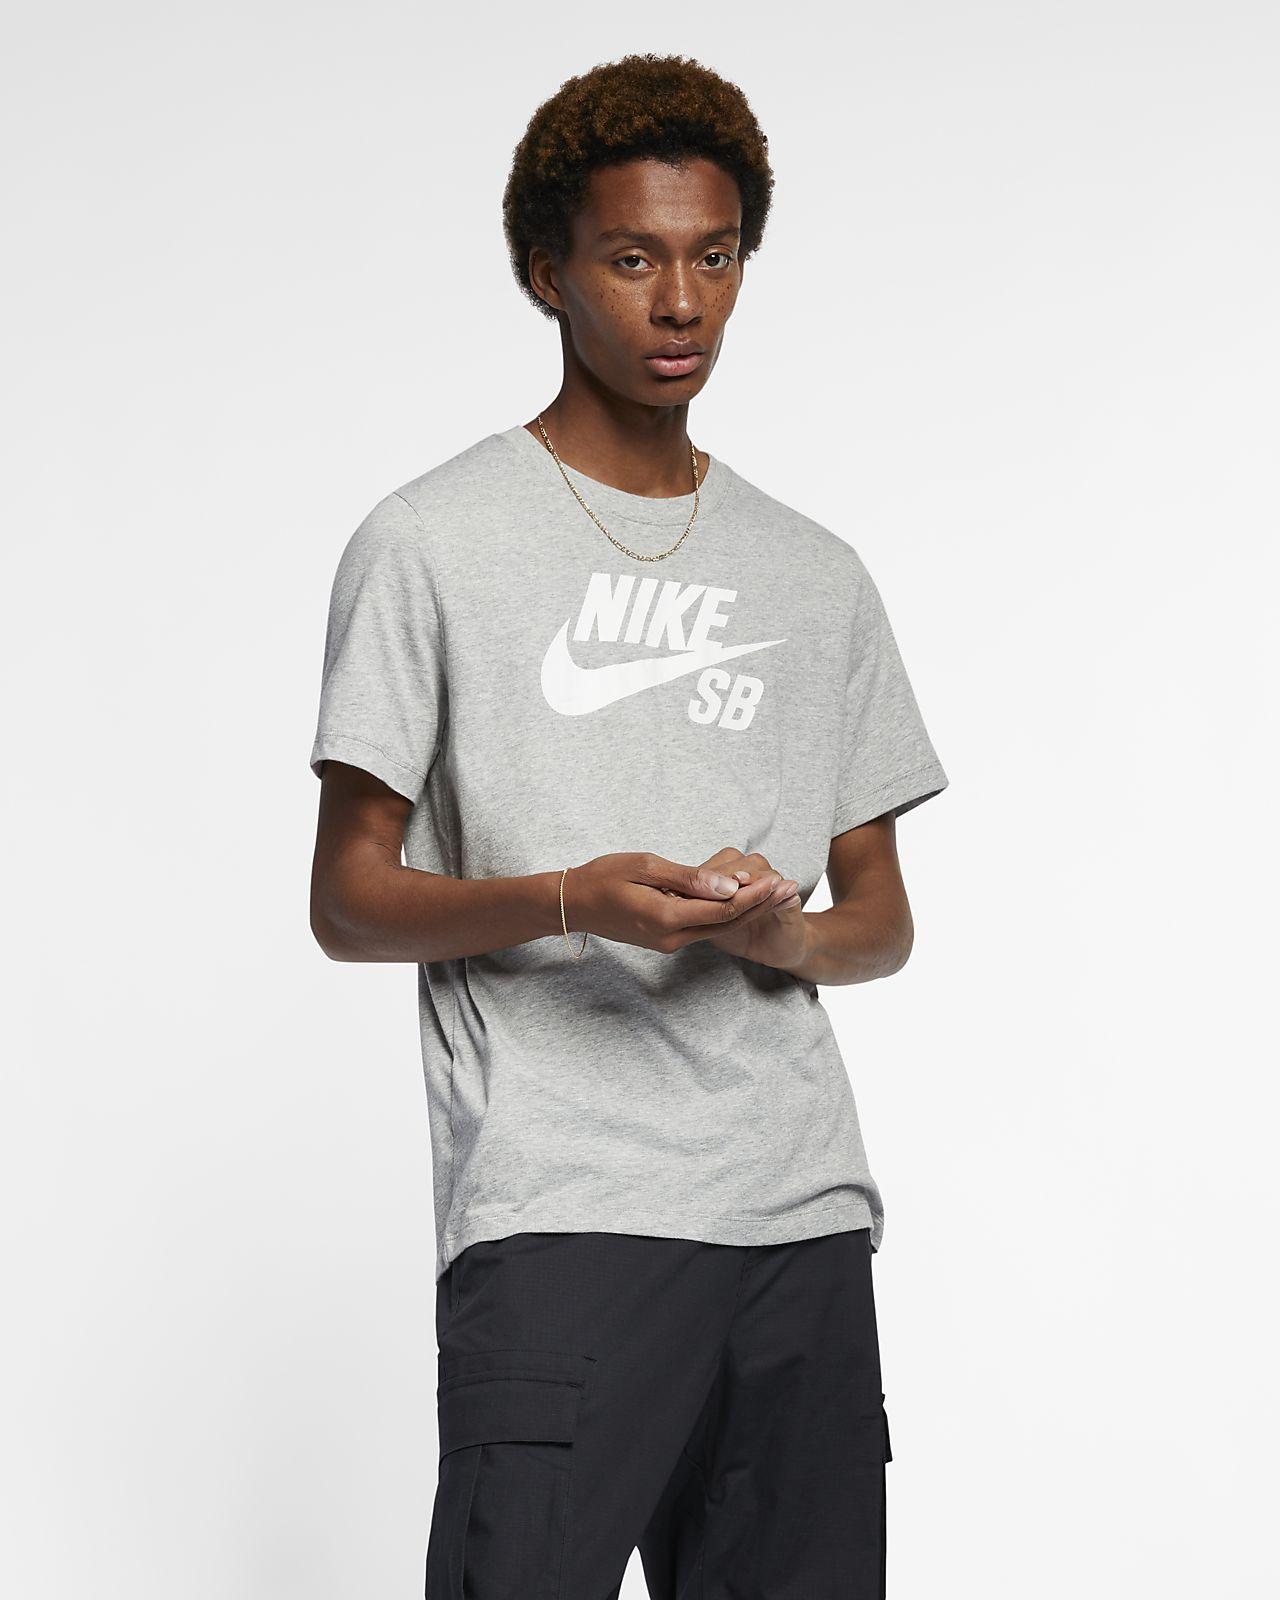 Nike SB Dri-FIT 男子滑板T恤